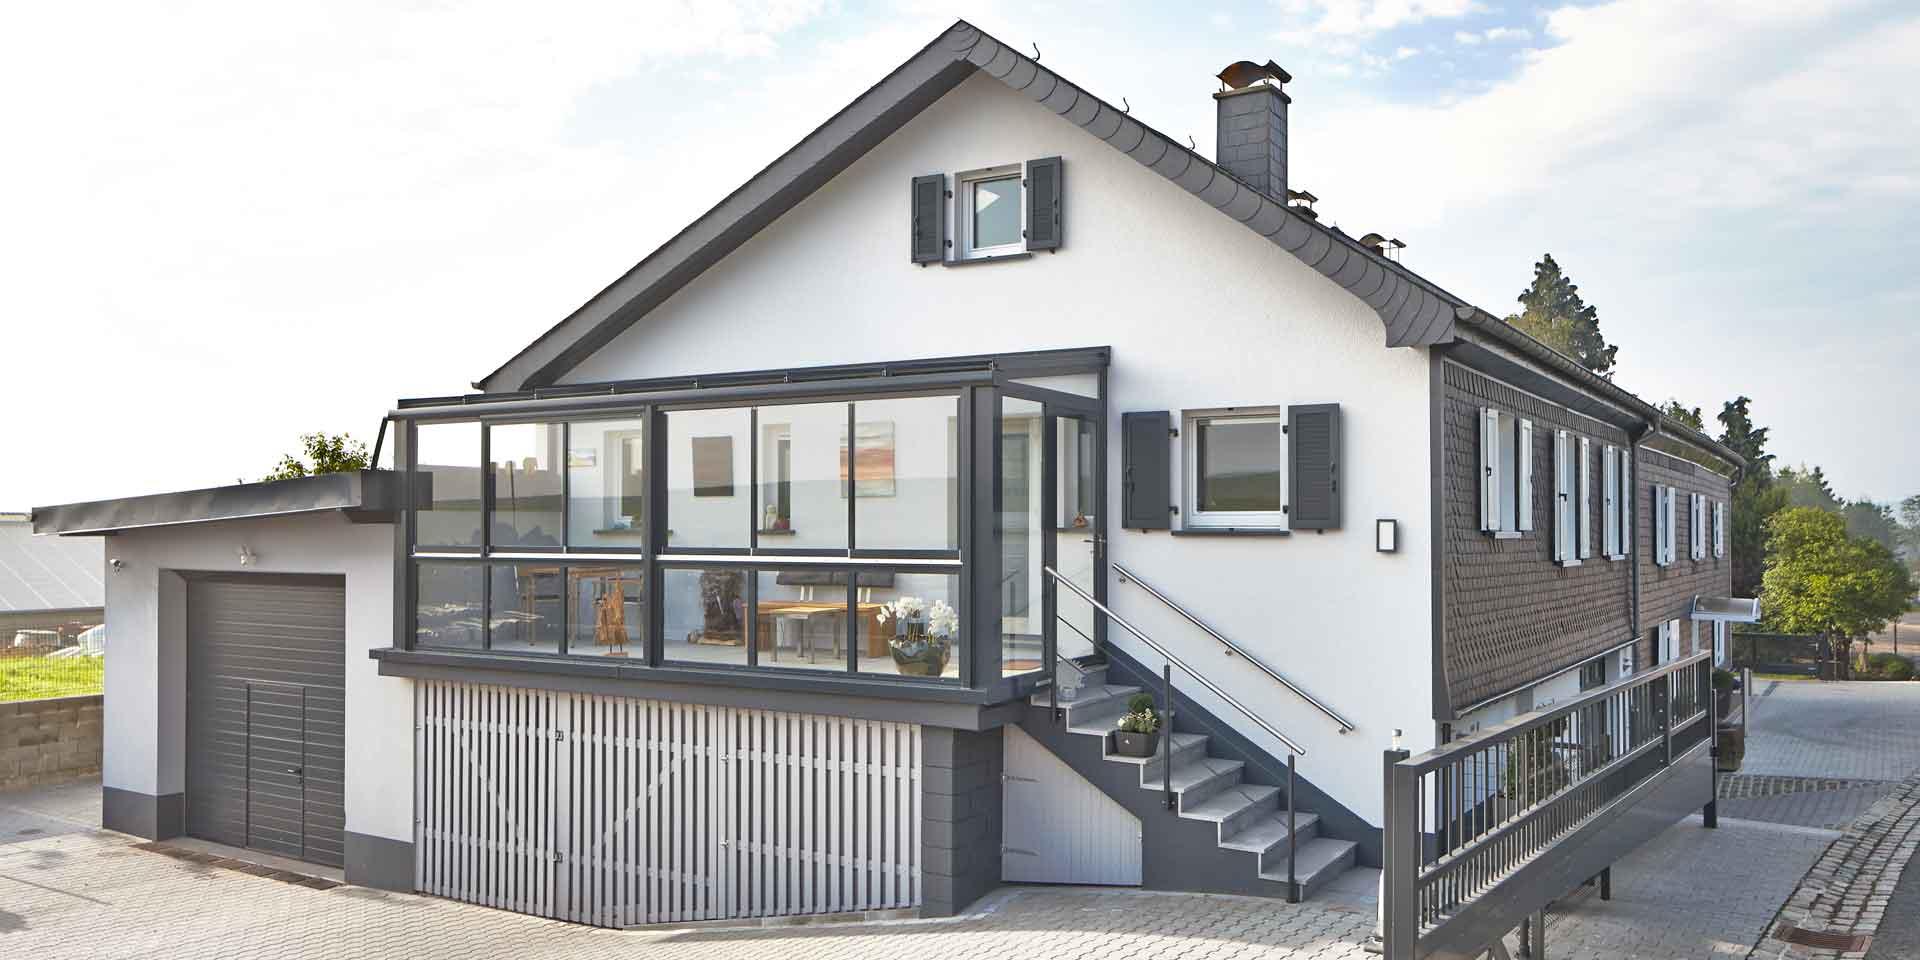 Weißes Einfamilienhaus mit einer Coplaning Veranda Überdachung aus Aluminium, grauem Balkon mit Treppenbereich und einer Verglasung mit Schiebefenster und integrierter Beleuchtung.